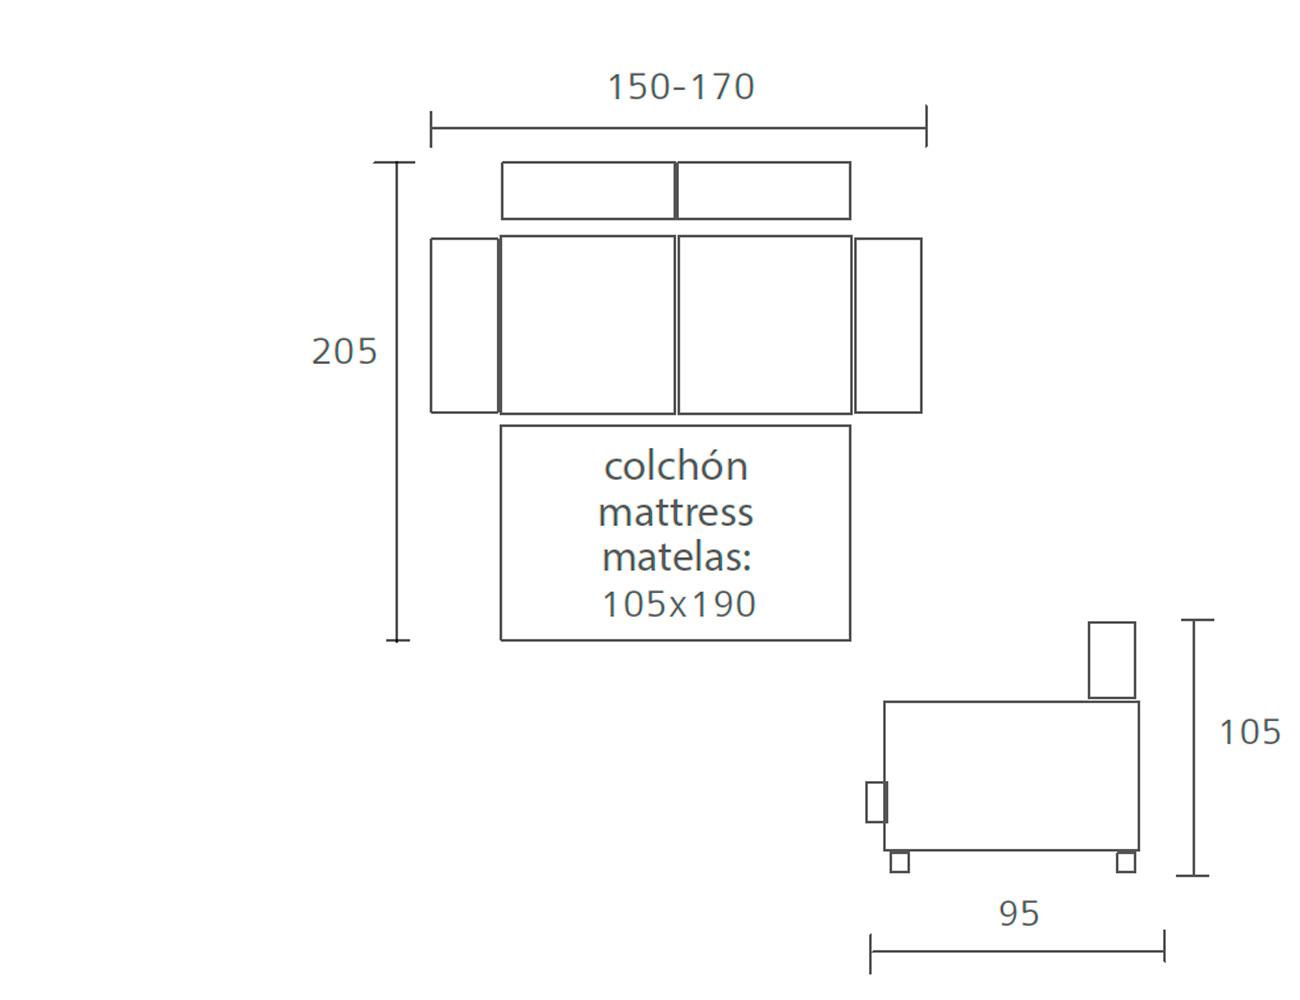 Sofa cama pedro ortiz 150 1701